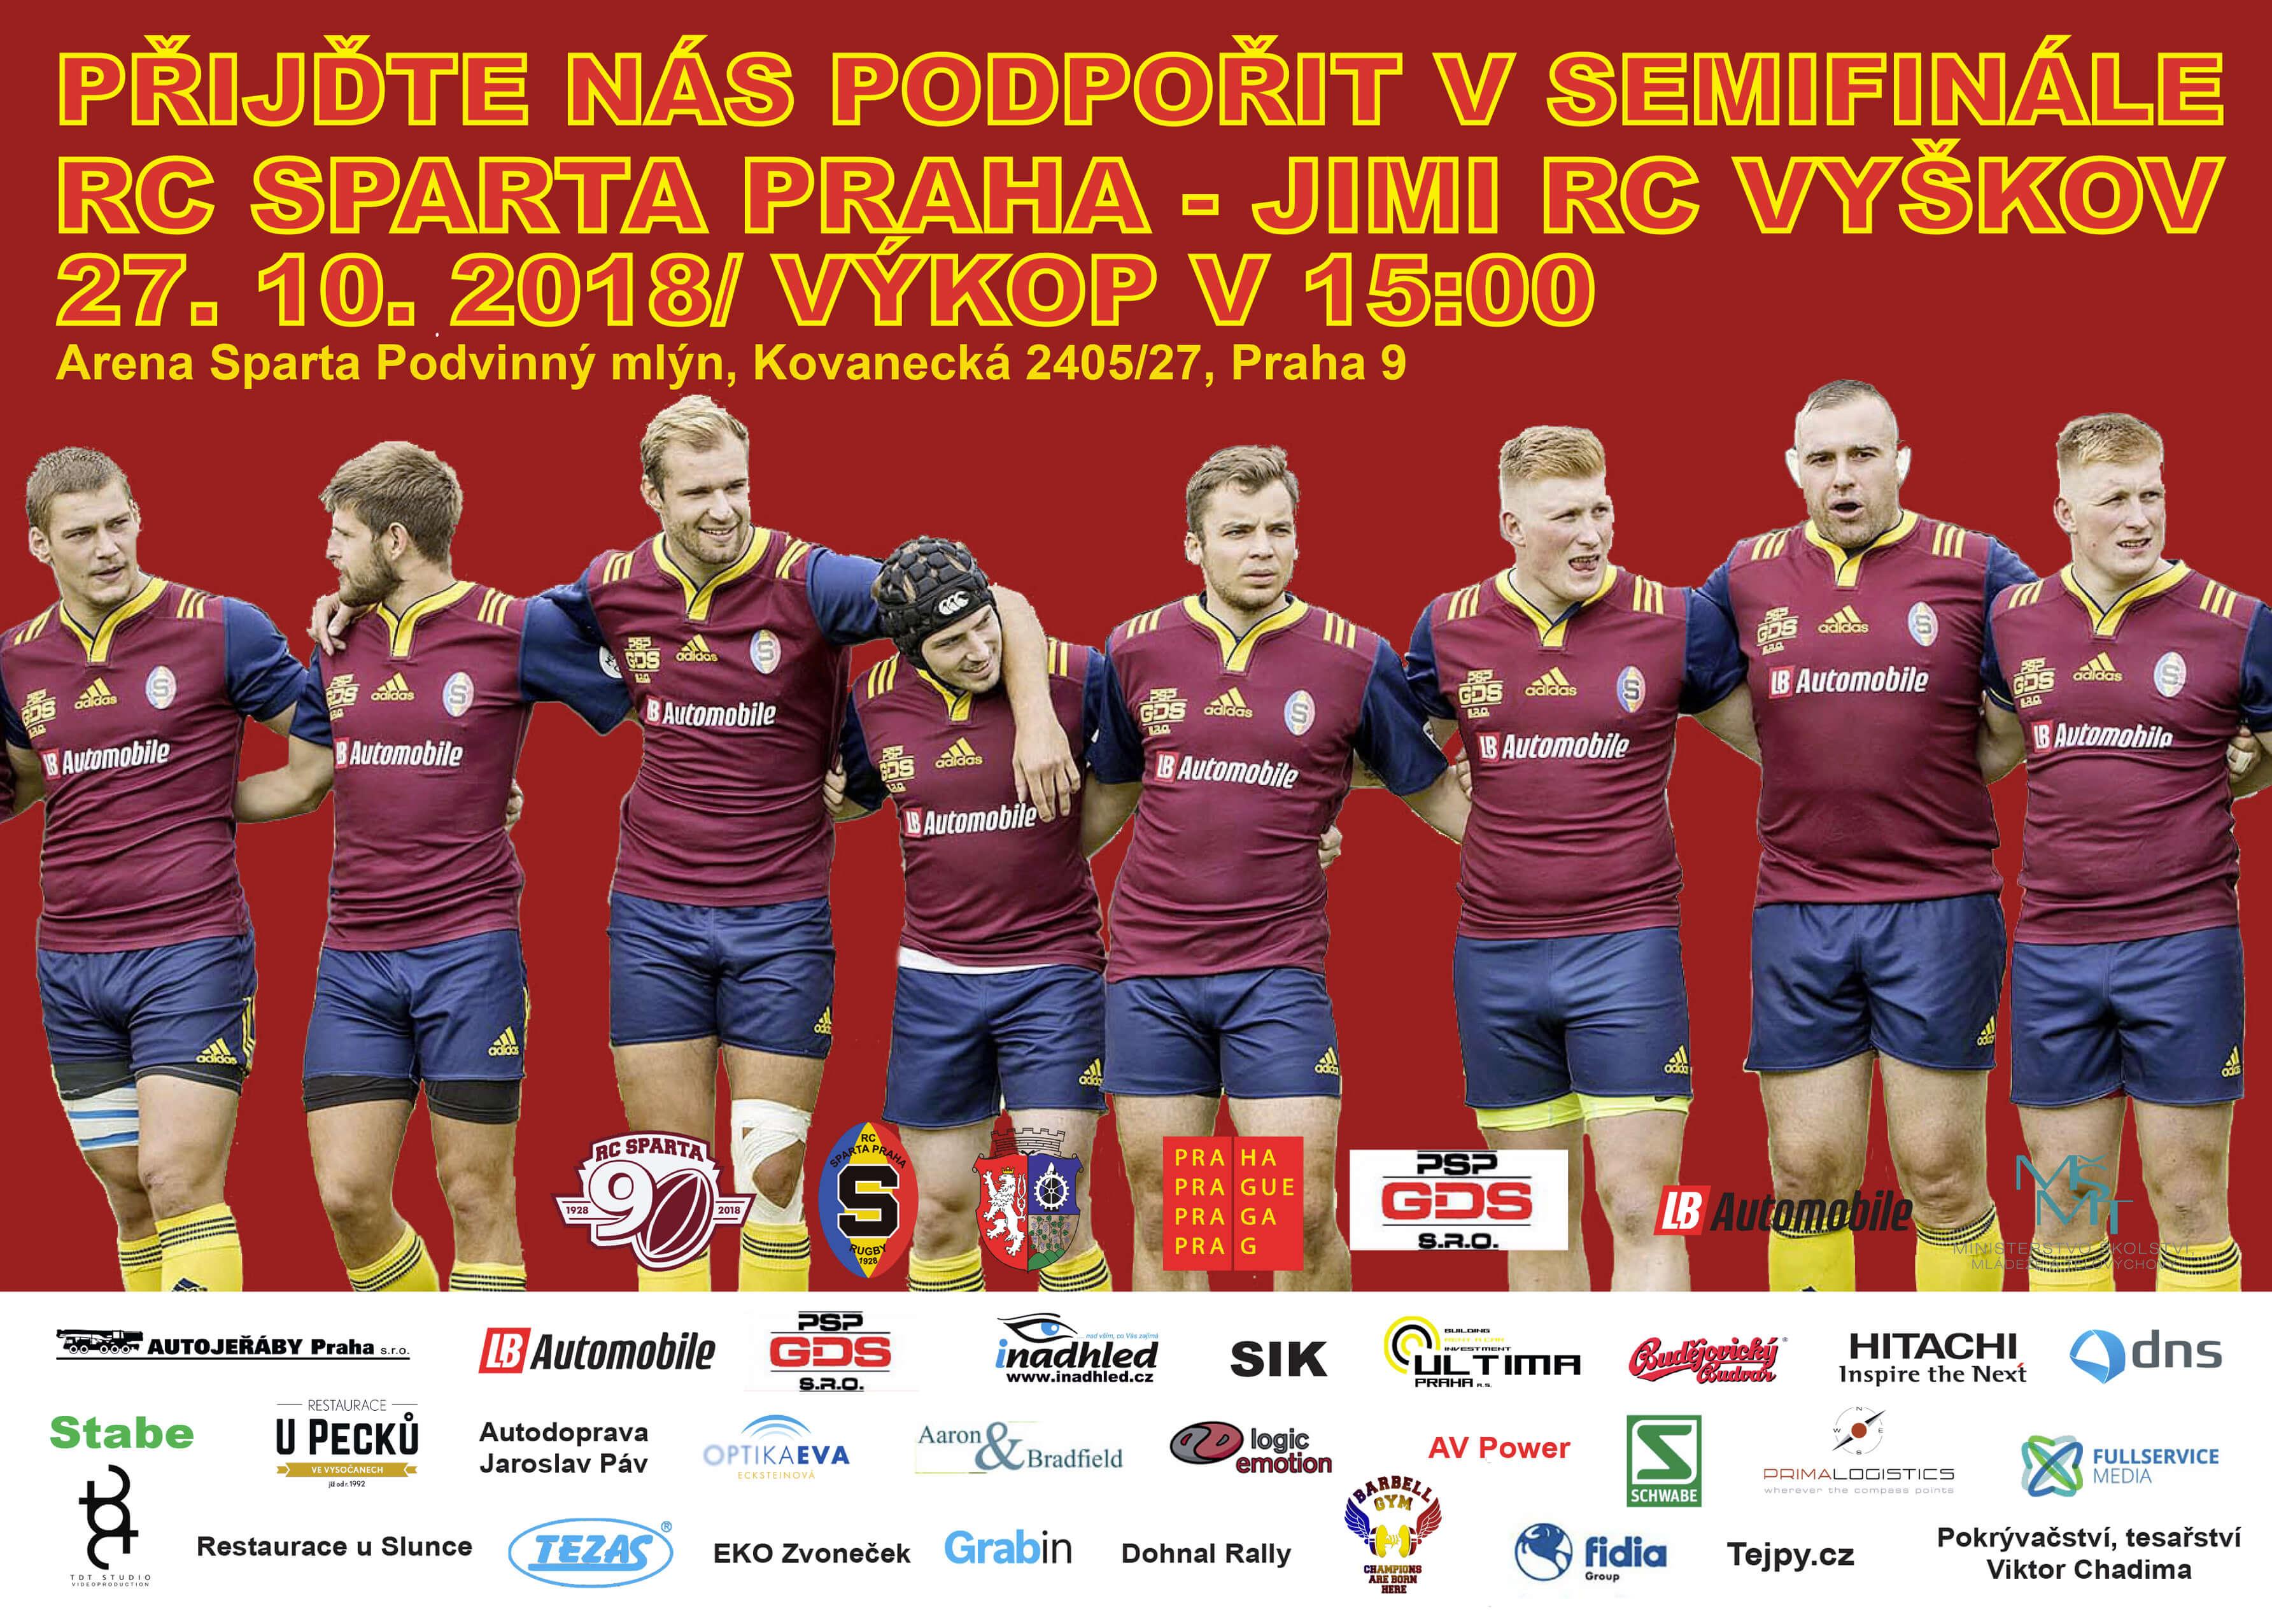 Semifinále RC Sparta Praha – JIMI RC Vyškov